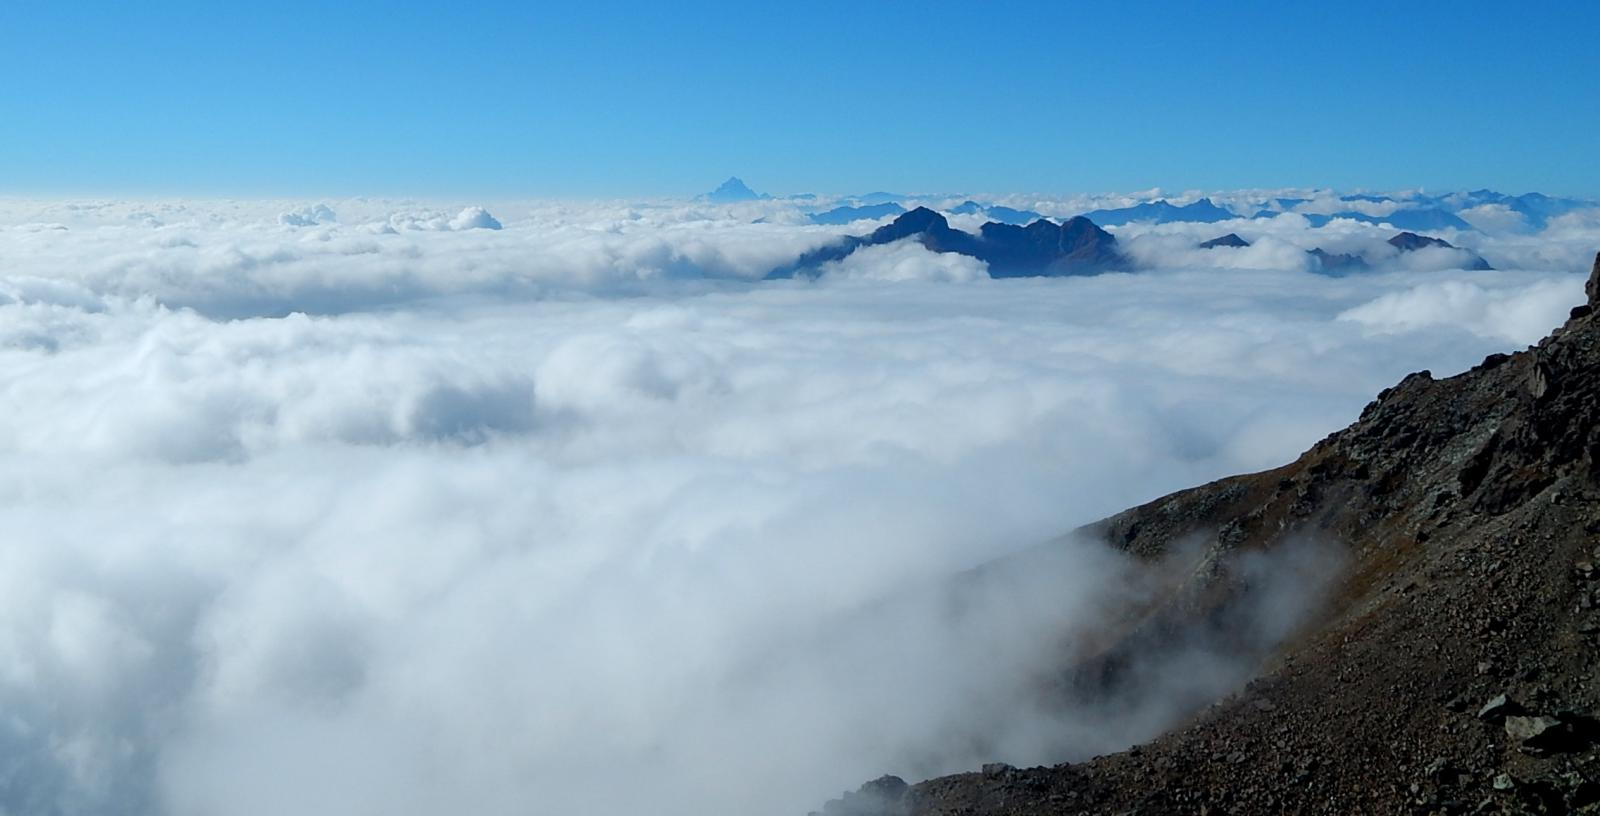 Mare di nuvole,sbuca il Monviso